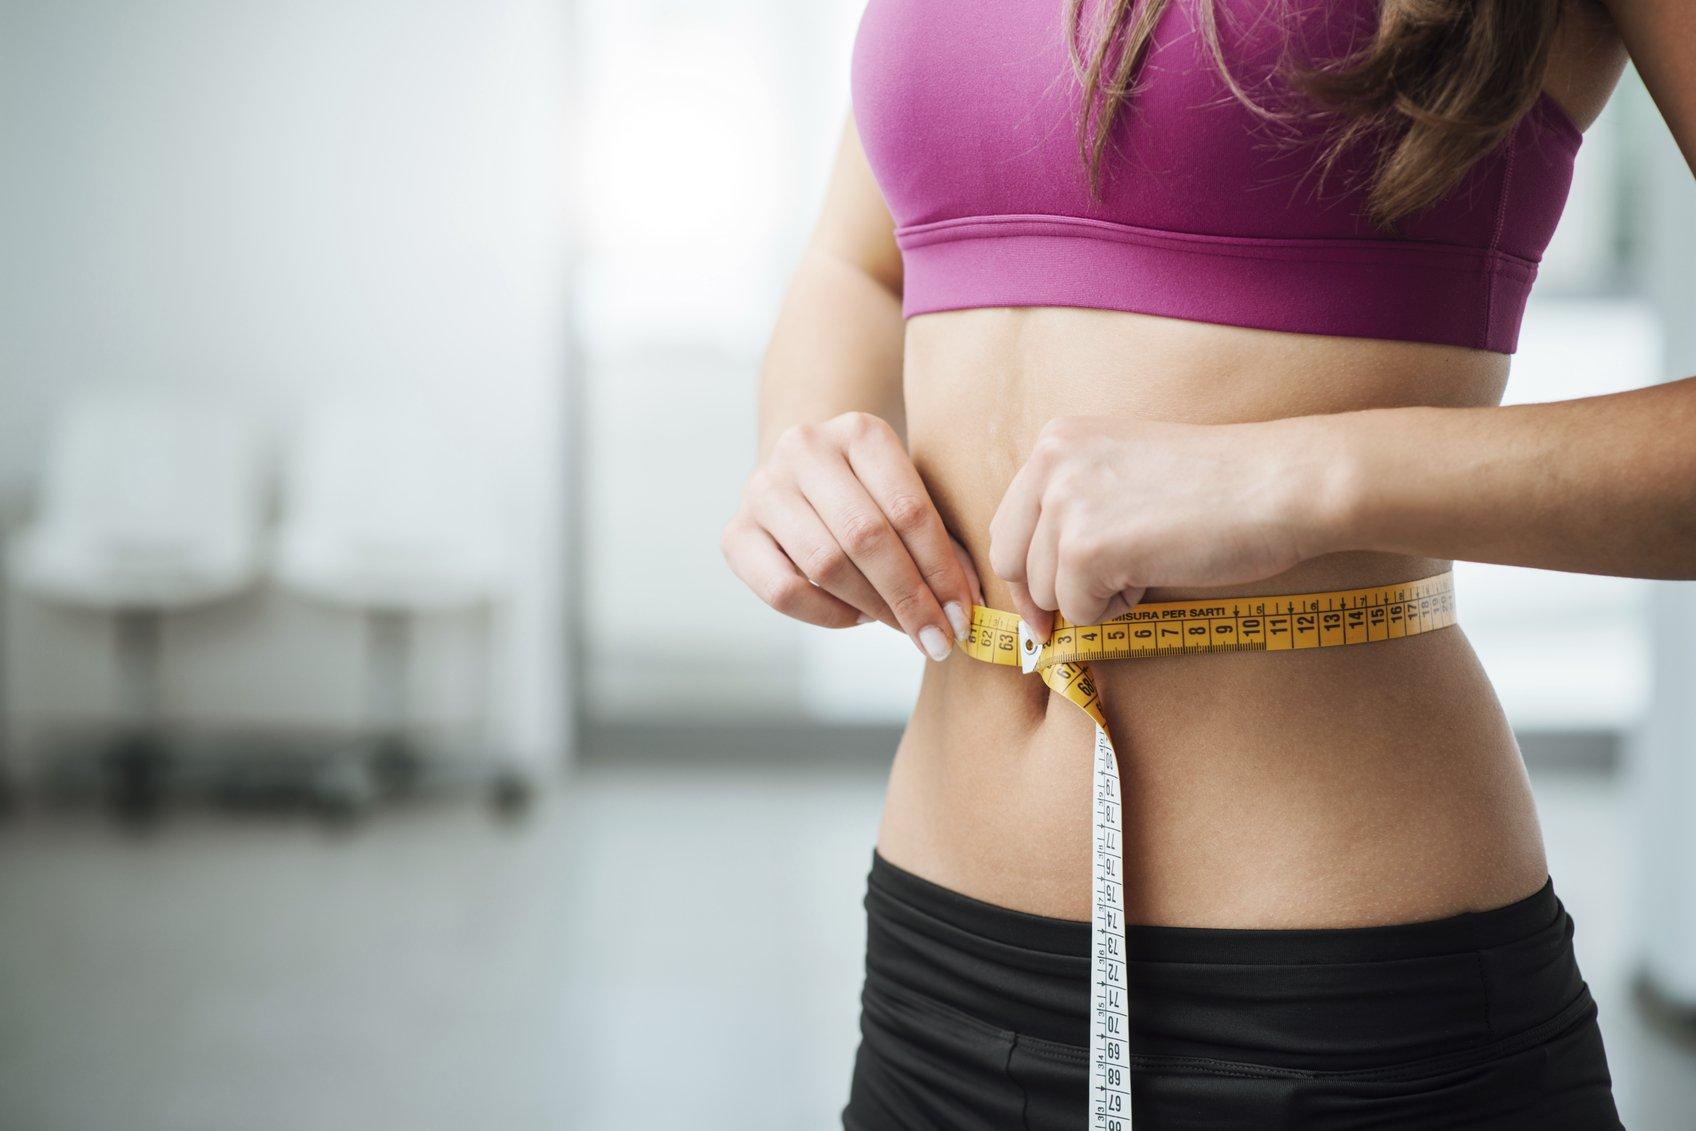 Diete Per Perdere Peso Uomo : La dieta settimanale per sgonfiare la pancia